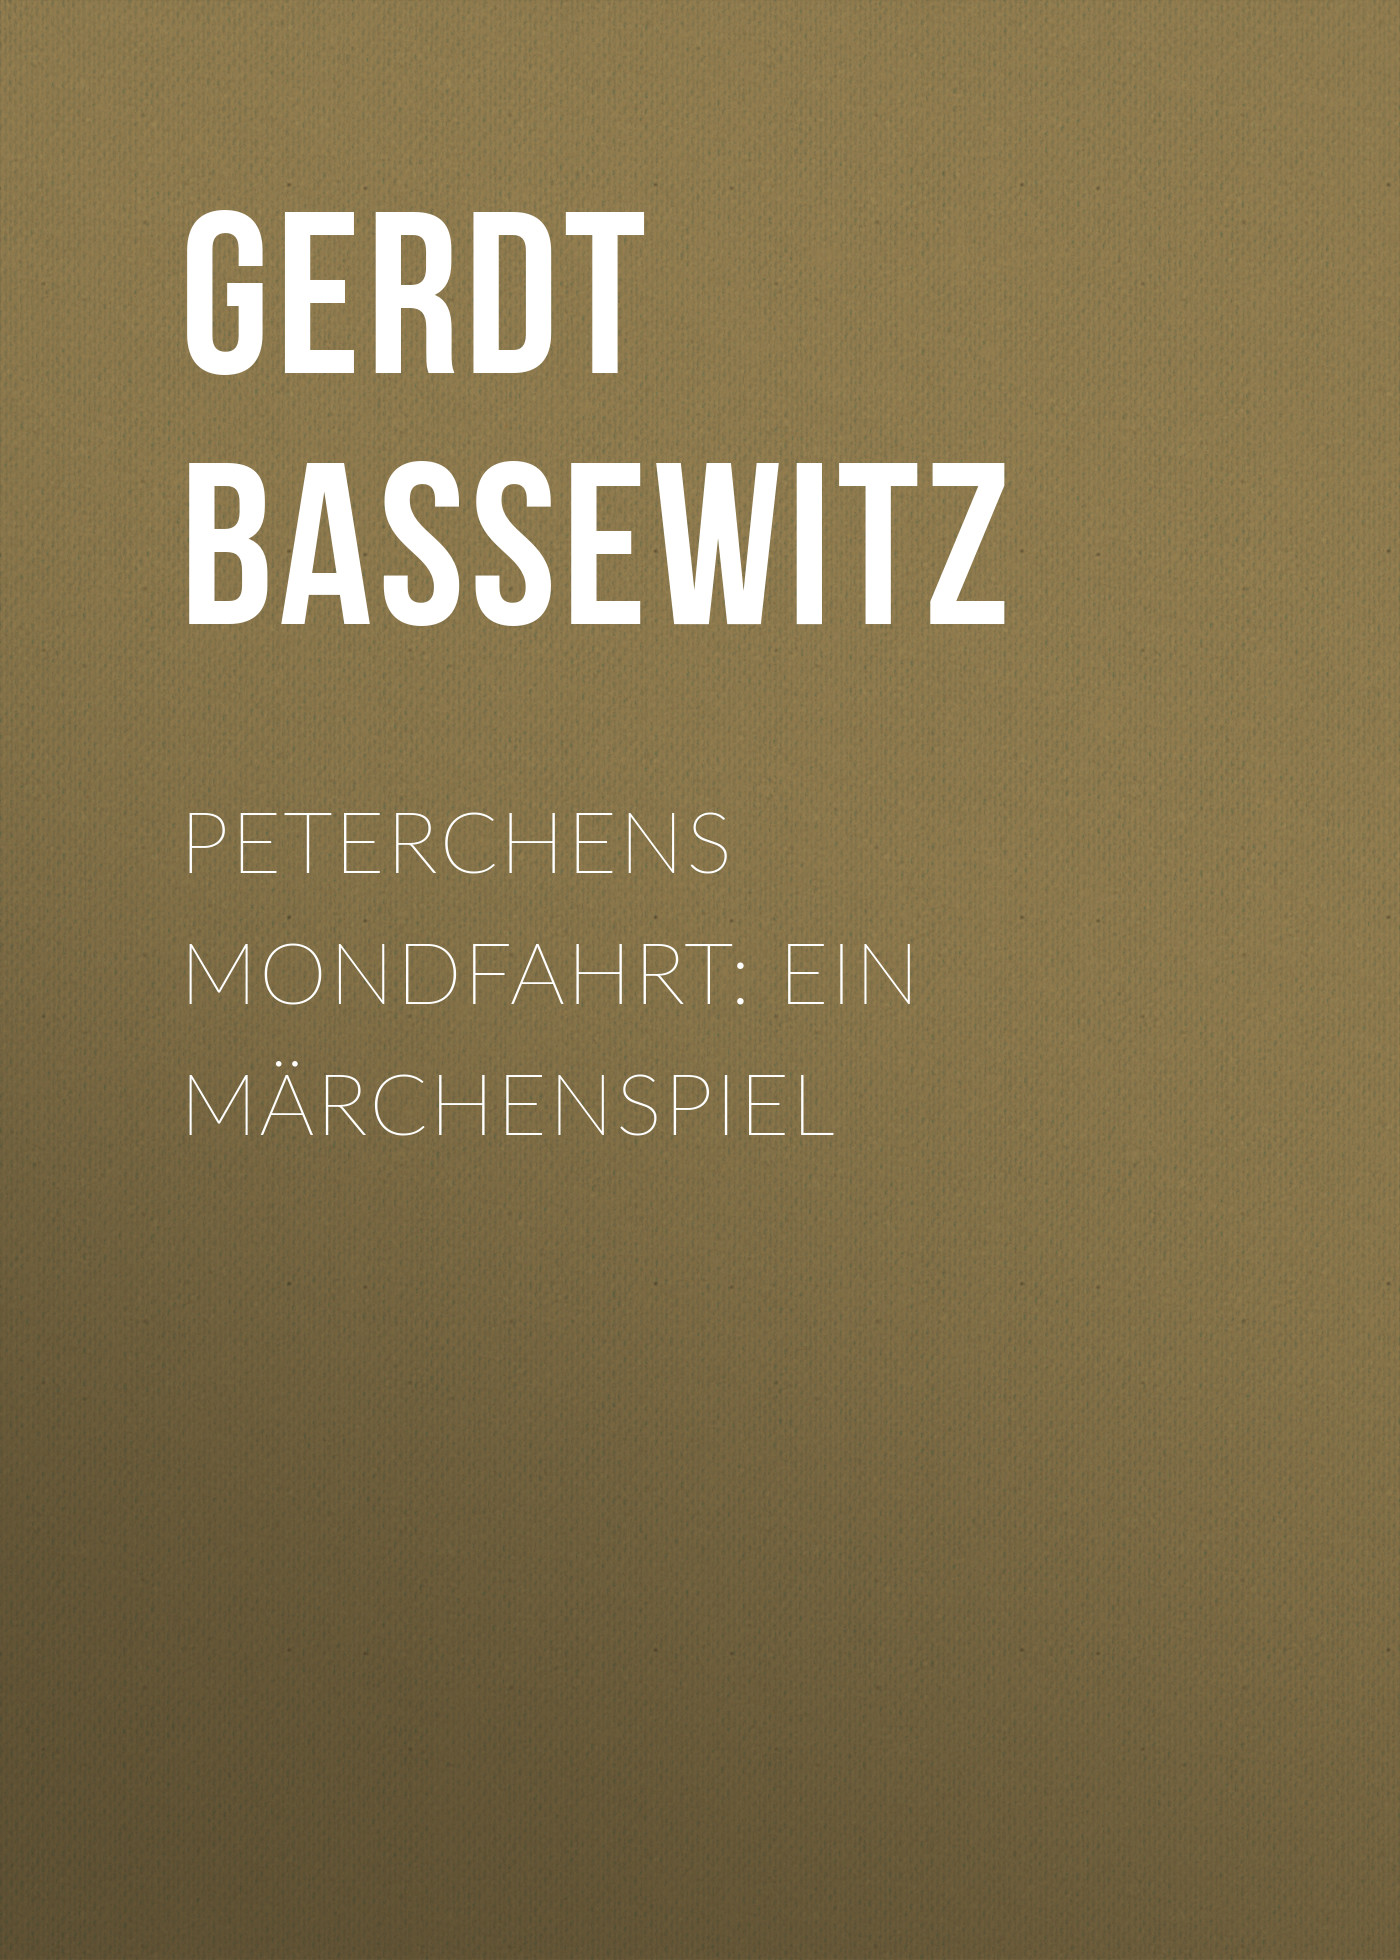 Gerdt von Bassewitz Peterchens Mondfahrt: Ein Märchenspiel karl von holtei ein trauerspiel in berlin